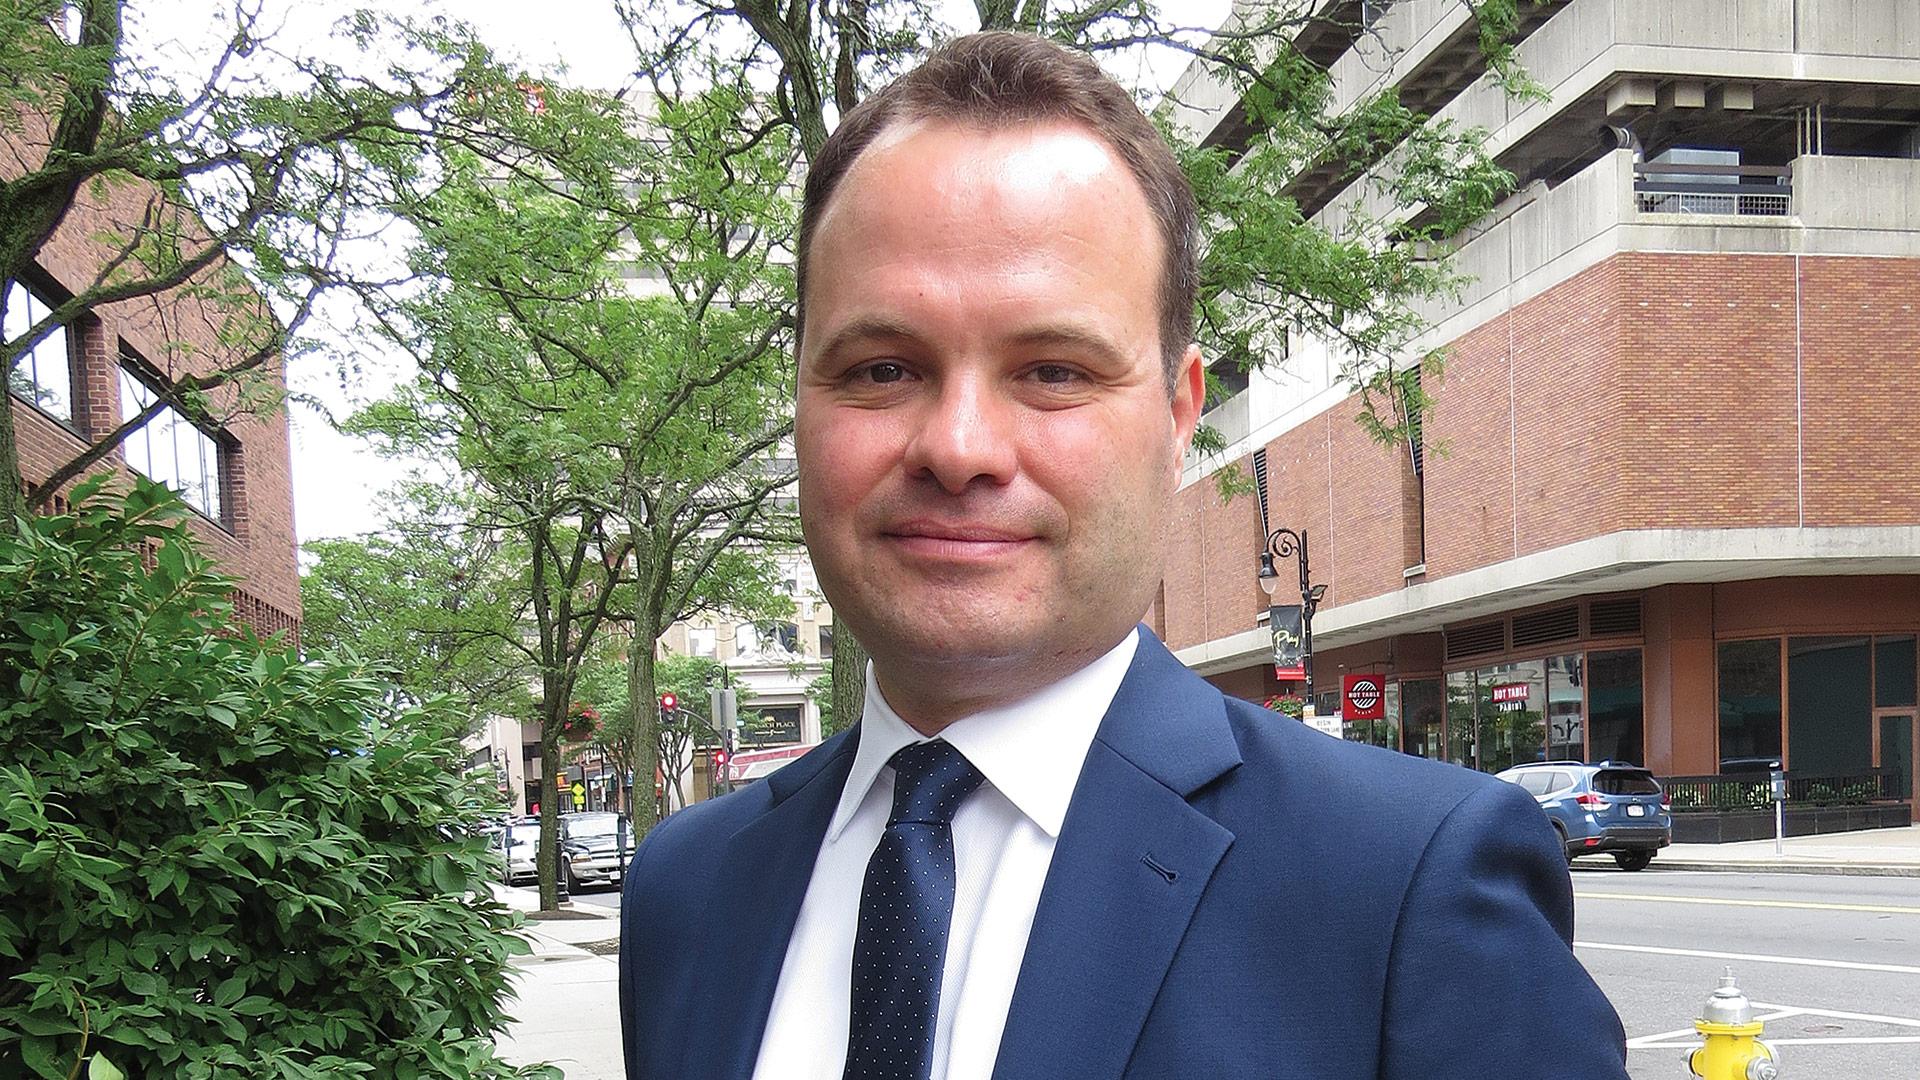 State Sen. Eric Lesser